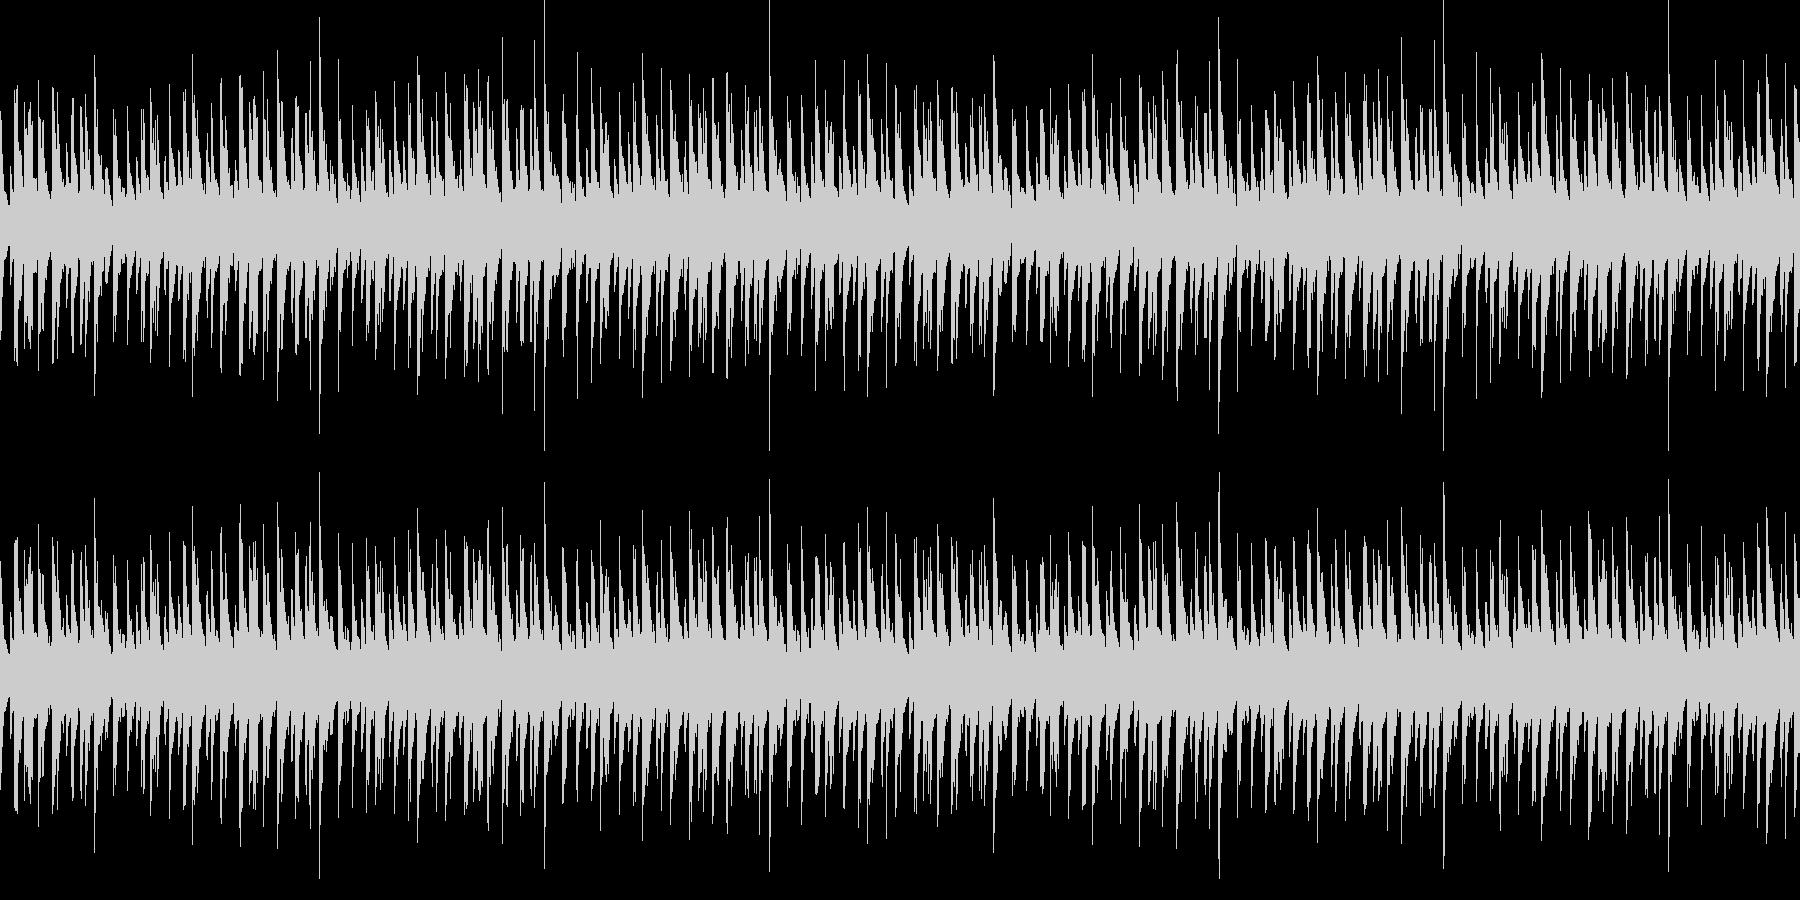 【お化け・妖怪ドロドロ】の未再生の波形